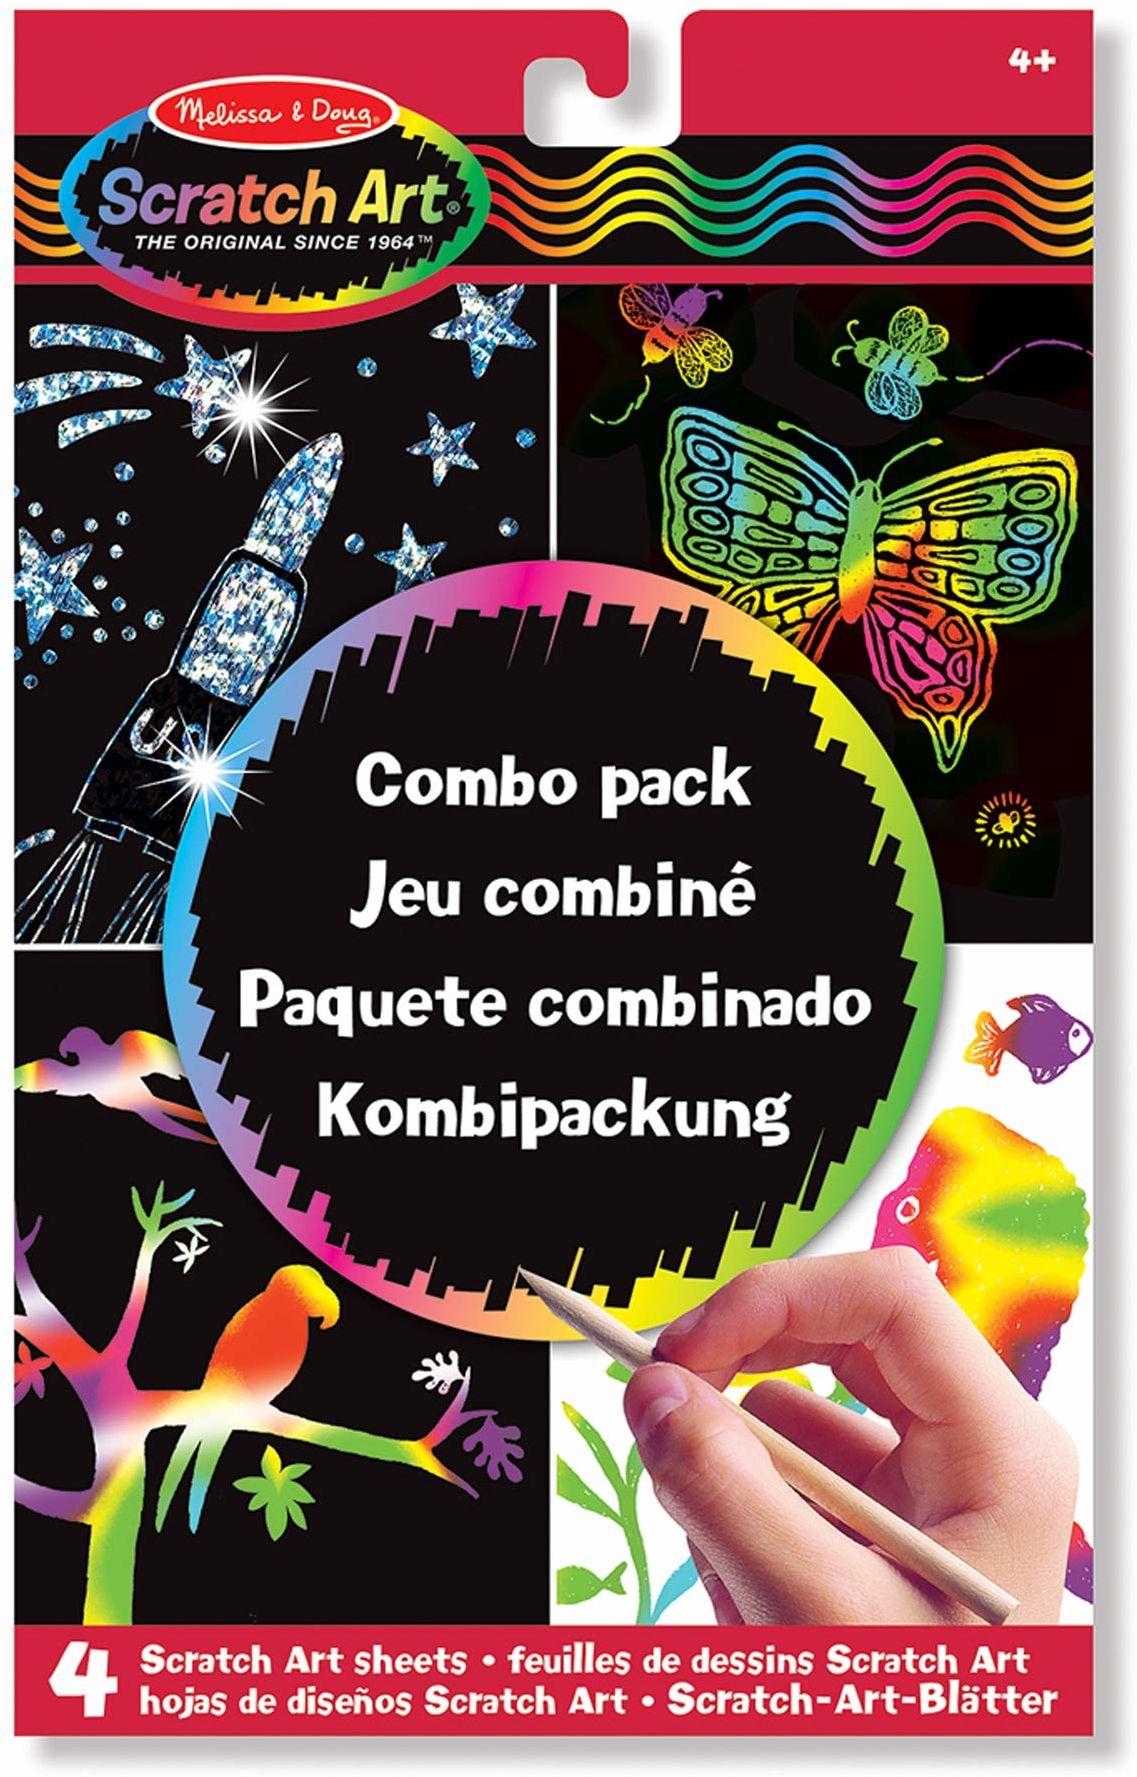 Melissa & Doug Zestaw Combo Scratch Art Sztuka i rzemiosło Sztuka zdrapywania 4+ Prezent dla chłopca lub dziewczyny